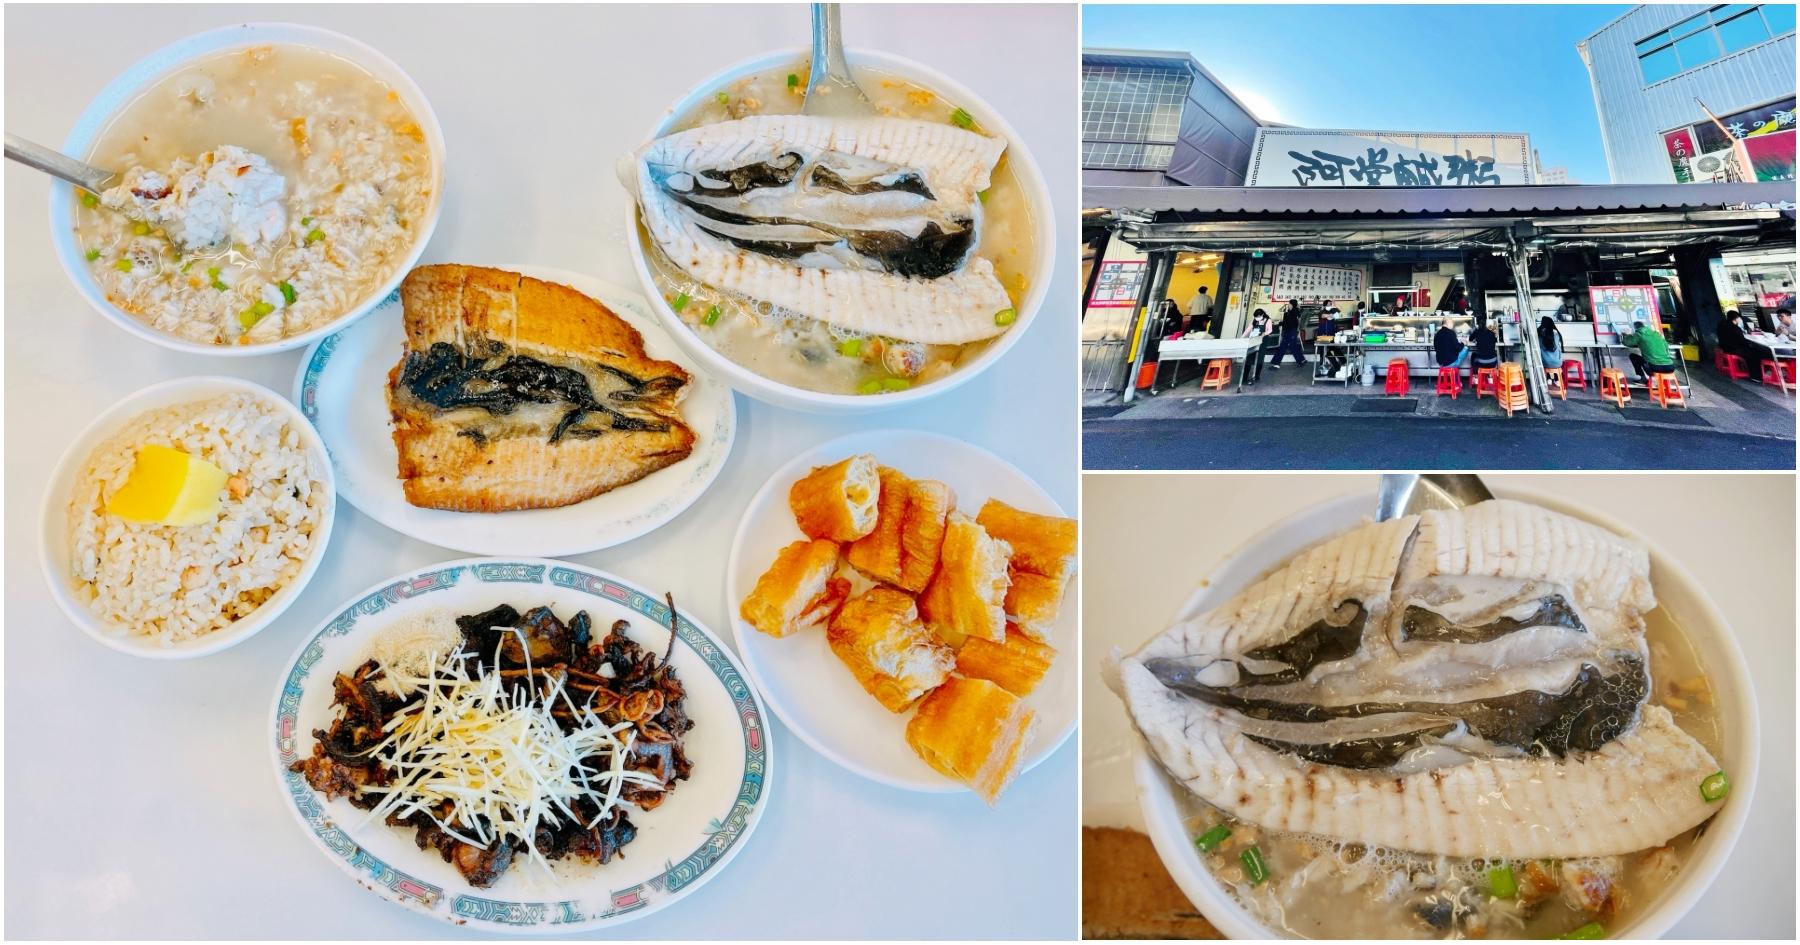 最新推播訊息:[台南美食]中西區小吃~阿堂鹹粥|台南人早餐就是要來碗熱呼呼又豐盛的鹹粥暖胃